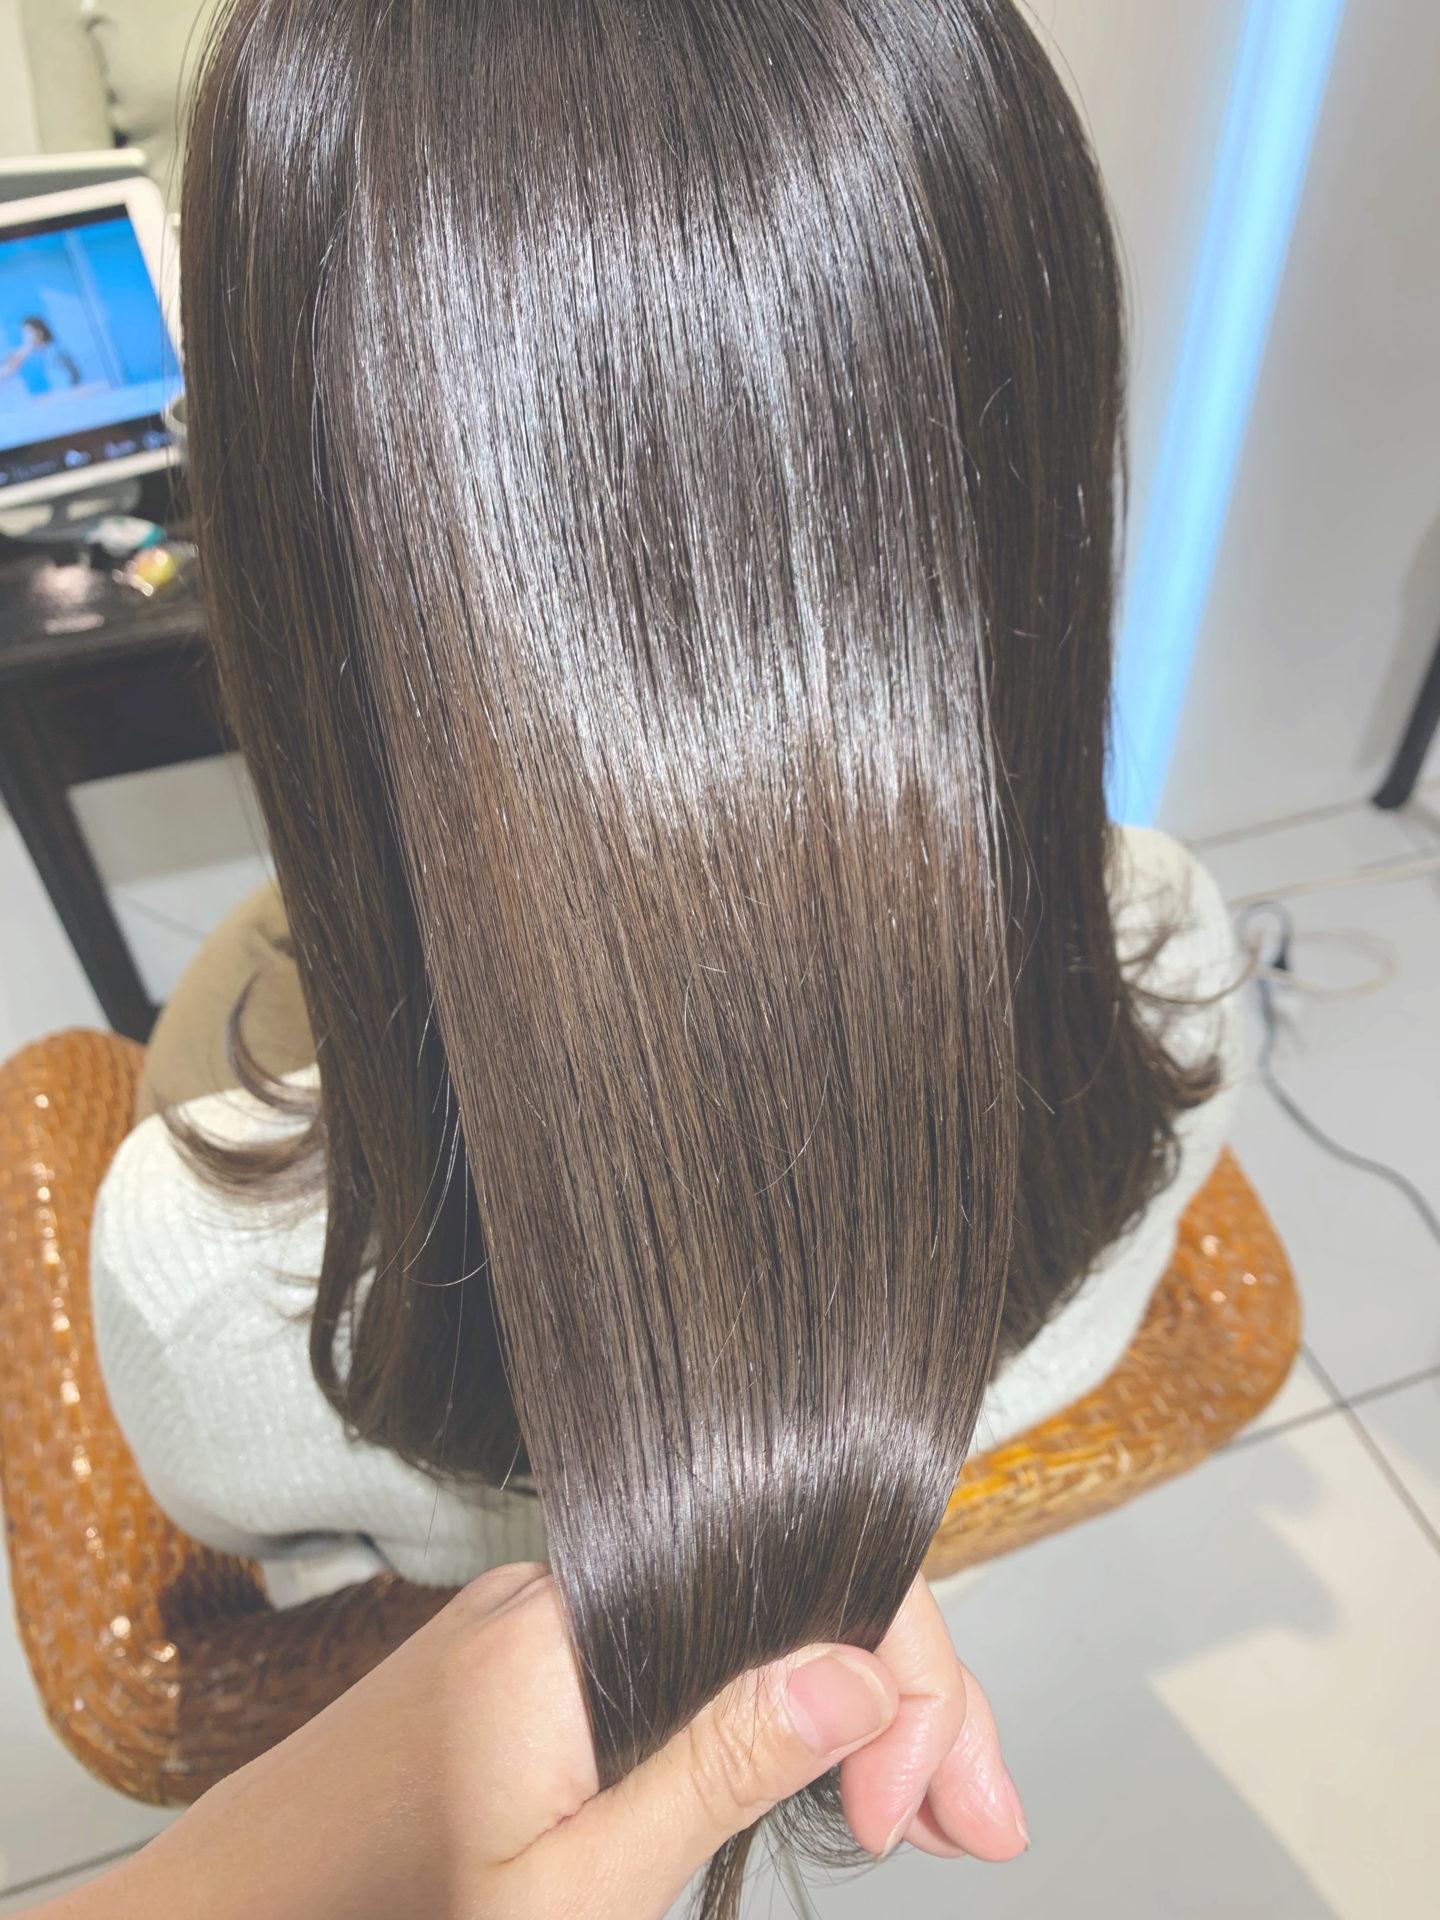 髪質改善オージュアトリートメント&枝毛カットでつやさらキューティクルへ♪